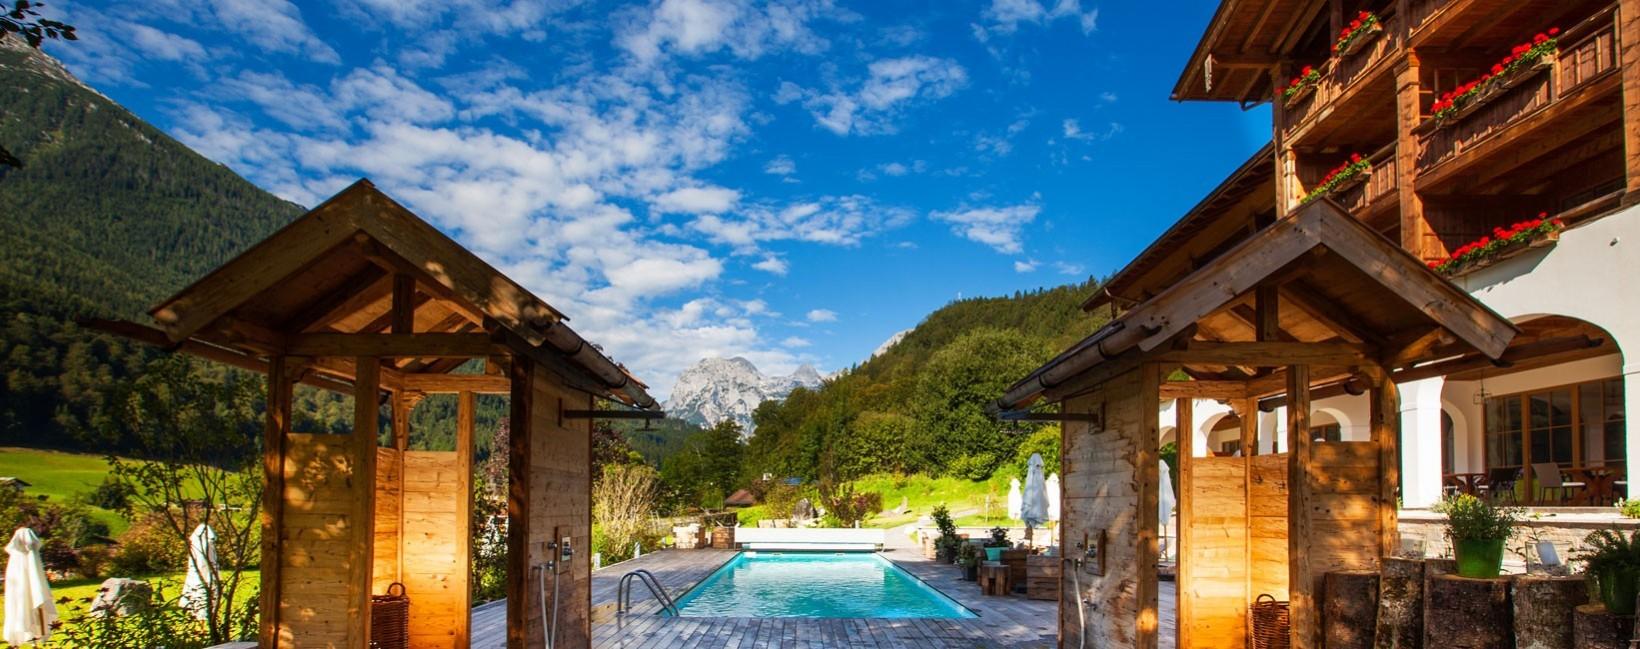 Gastgeber in Berchtesgaden - Berghotel Rehlegg